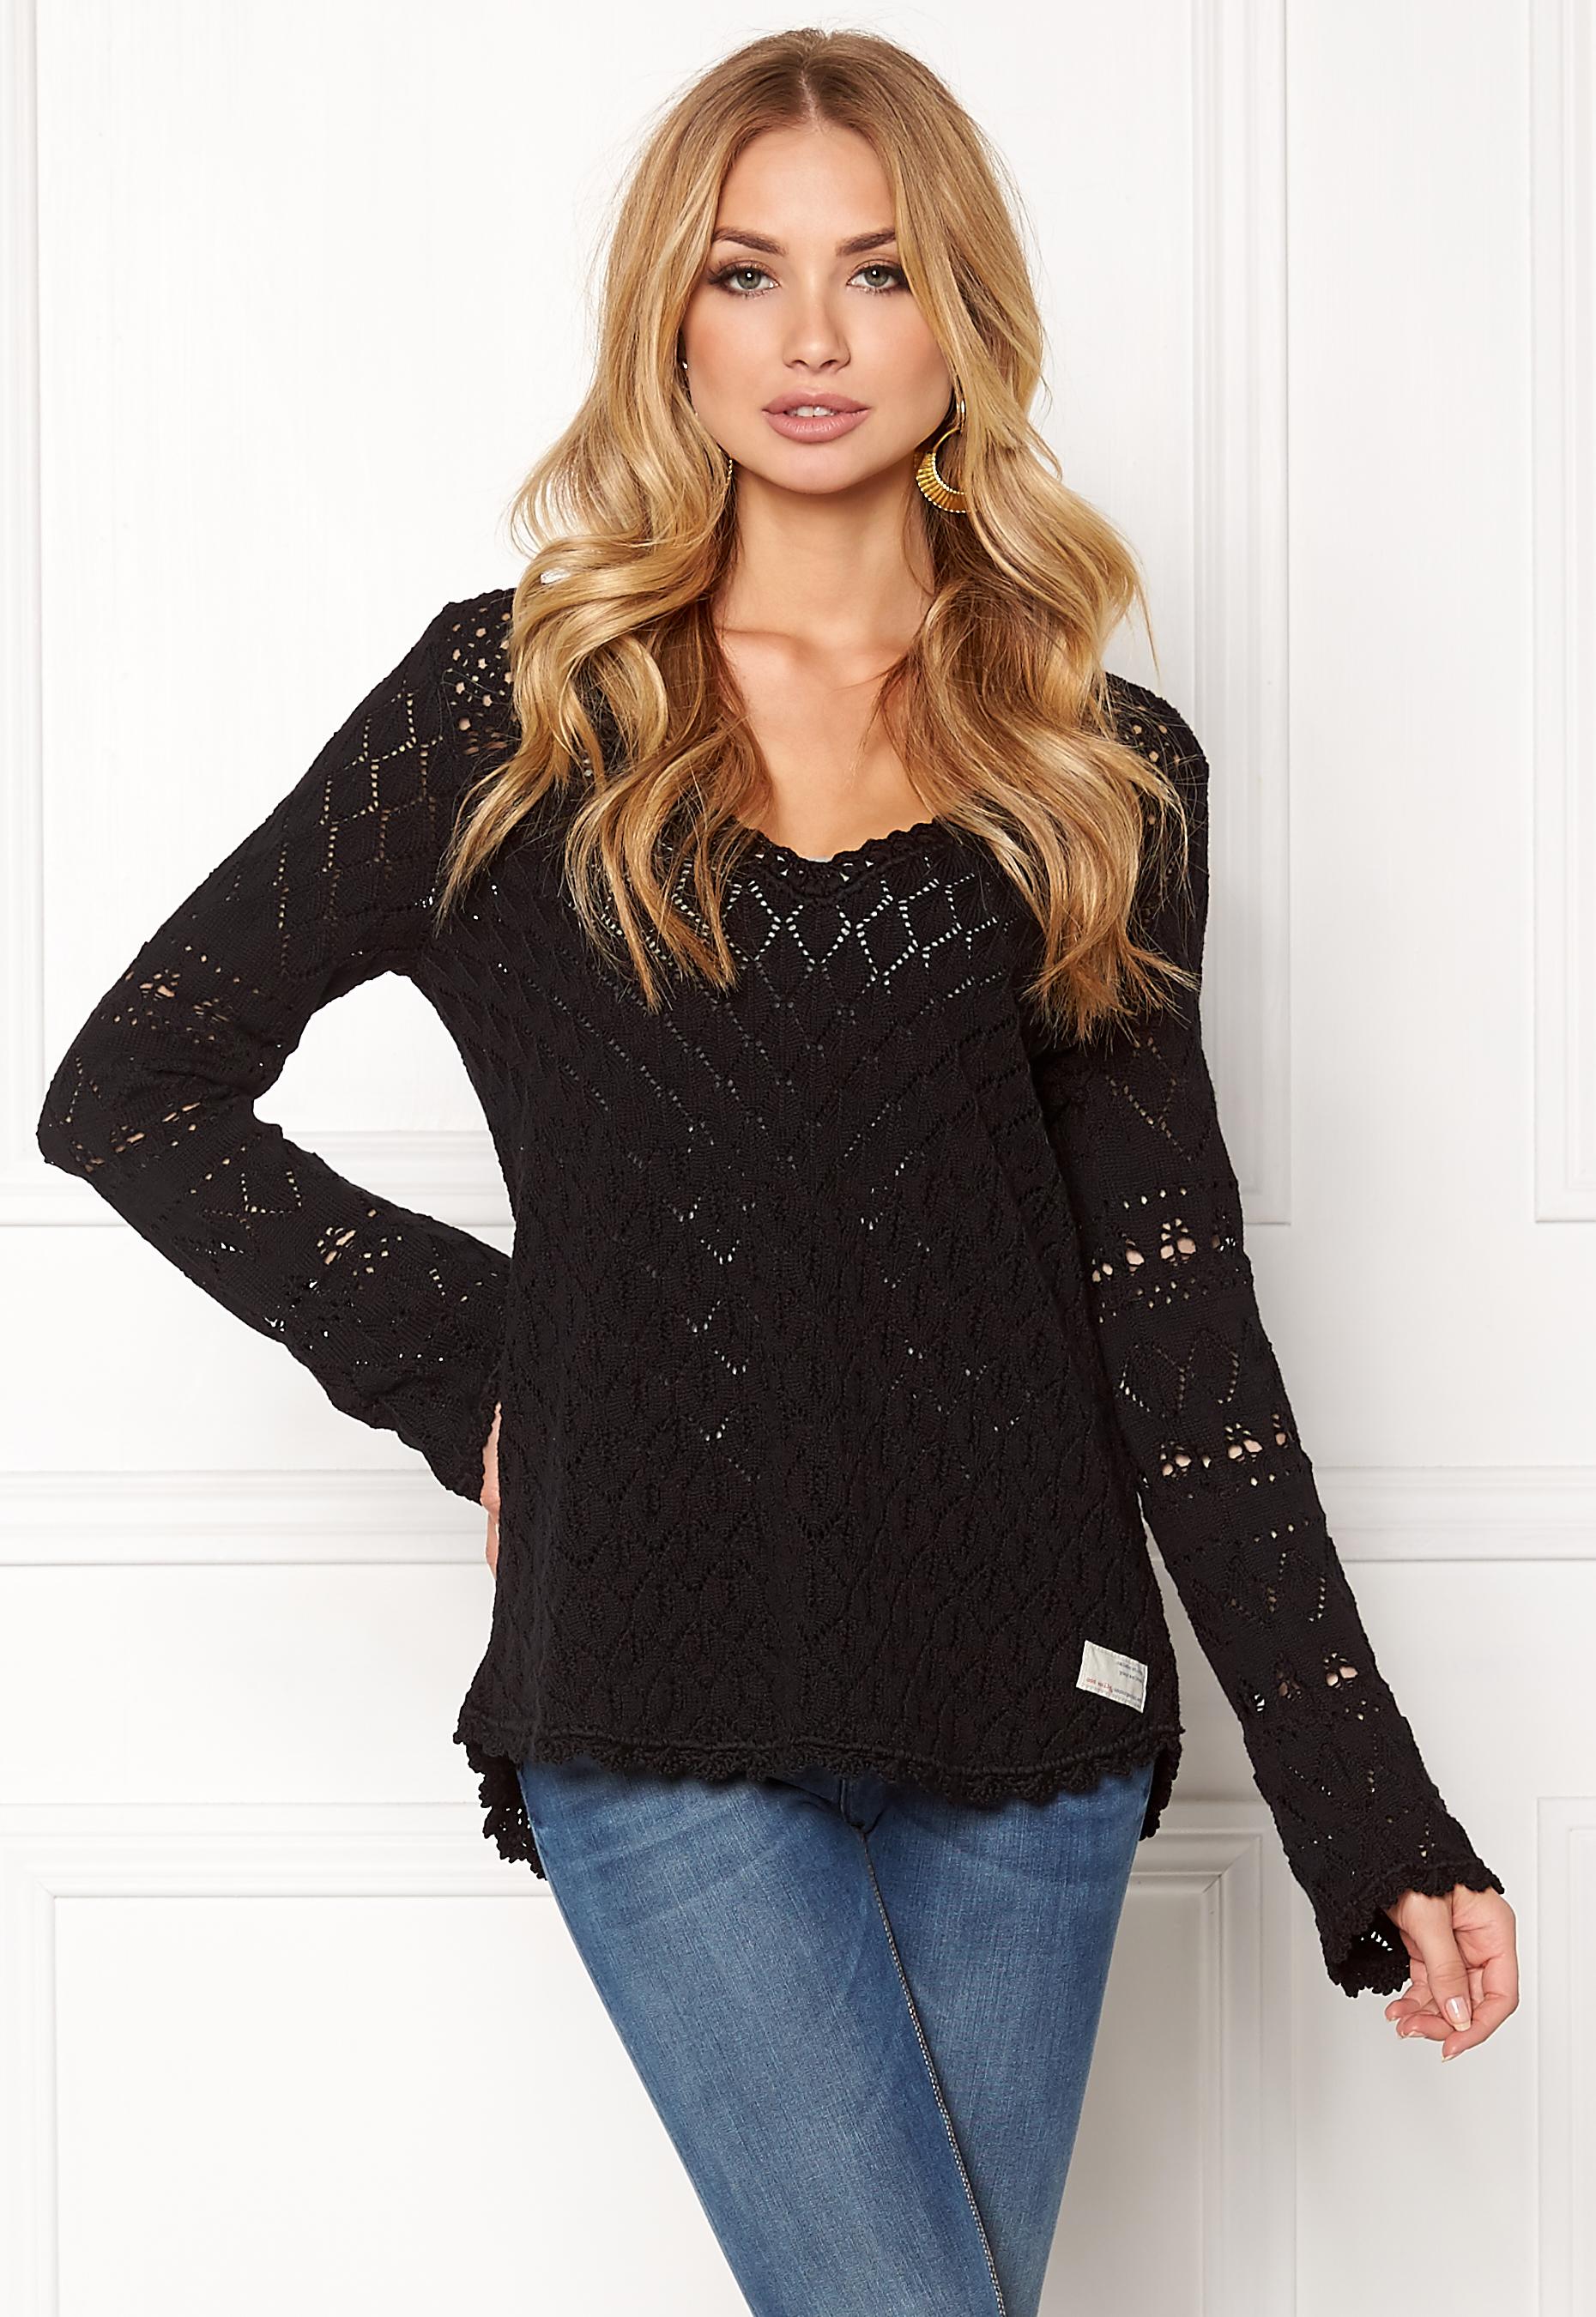 Odd Molly Love Affair Sweater Almost Black Bubbleroom